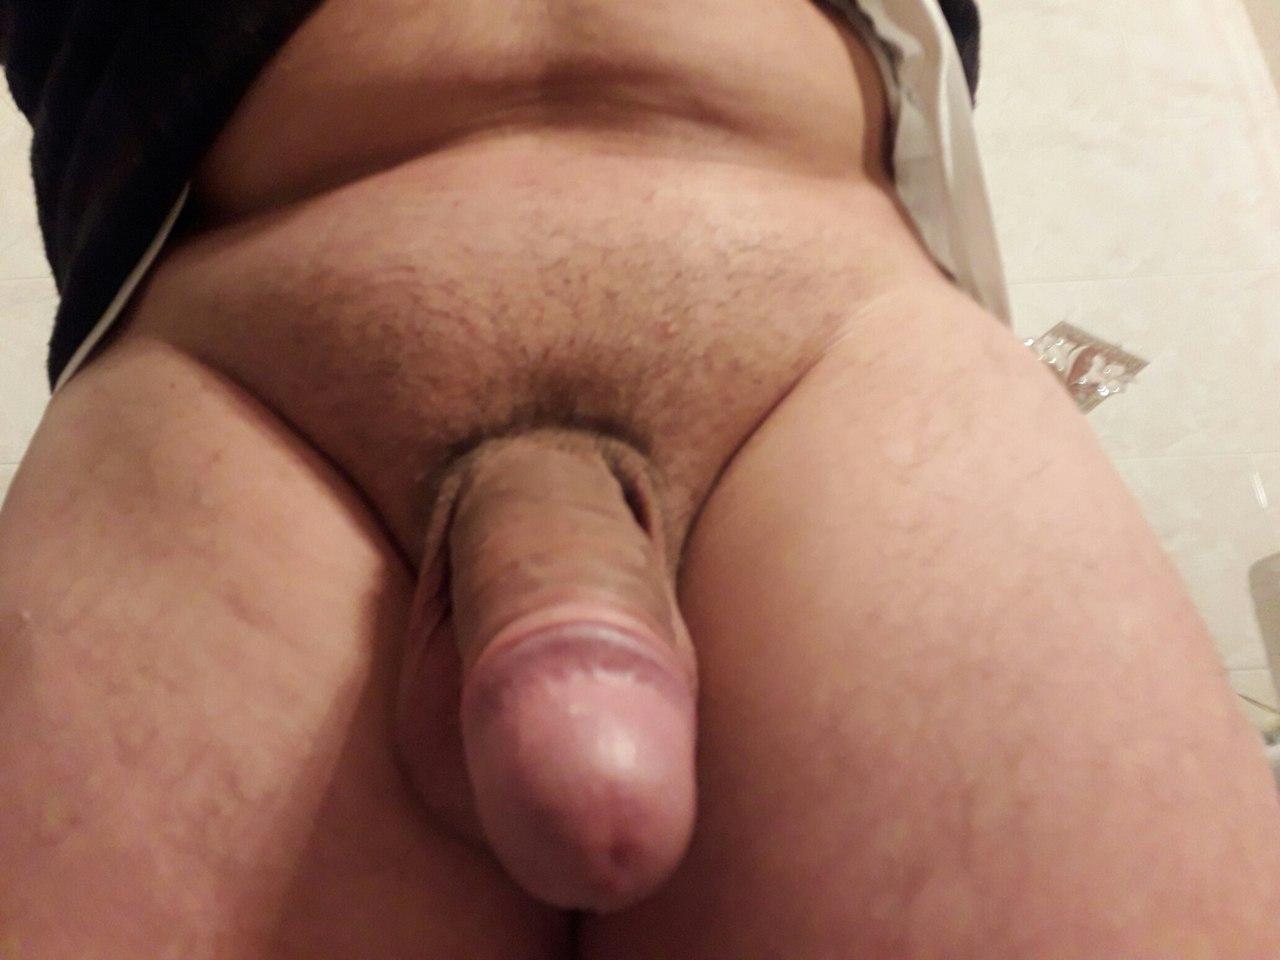 мужской половой член размеры Луга